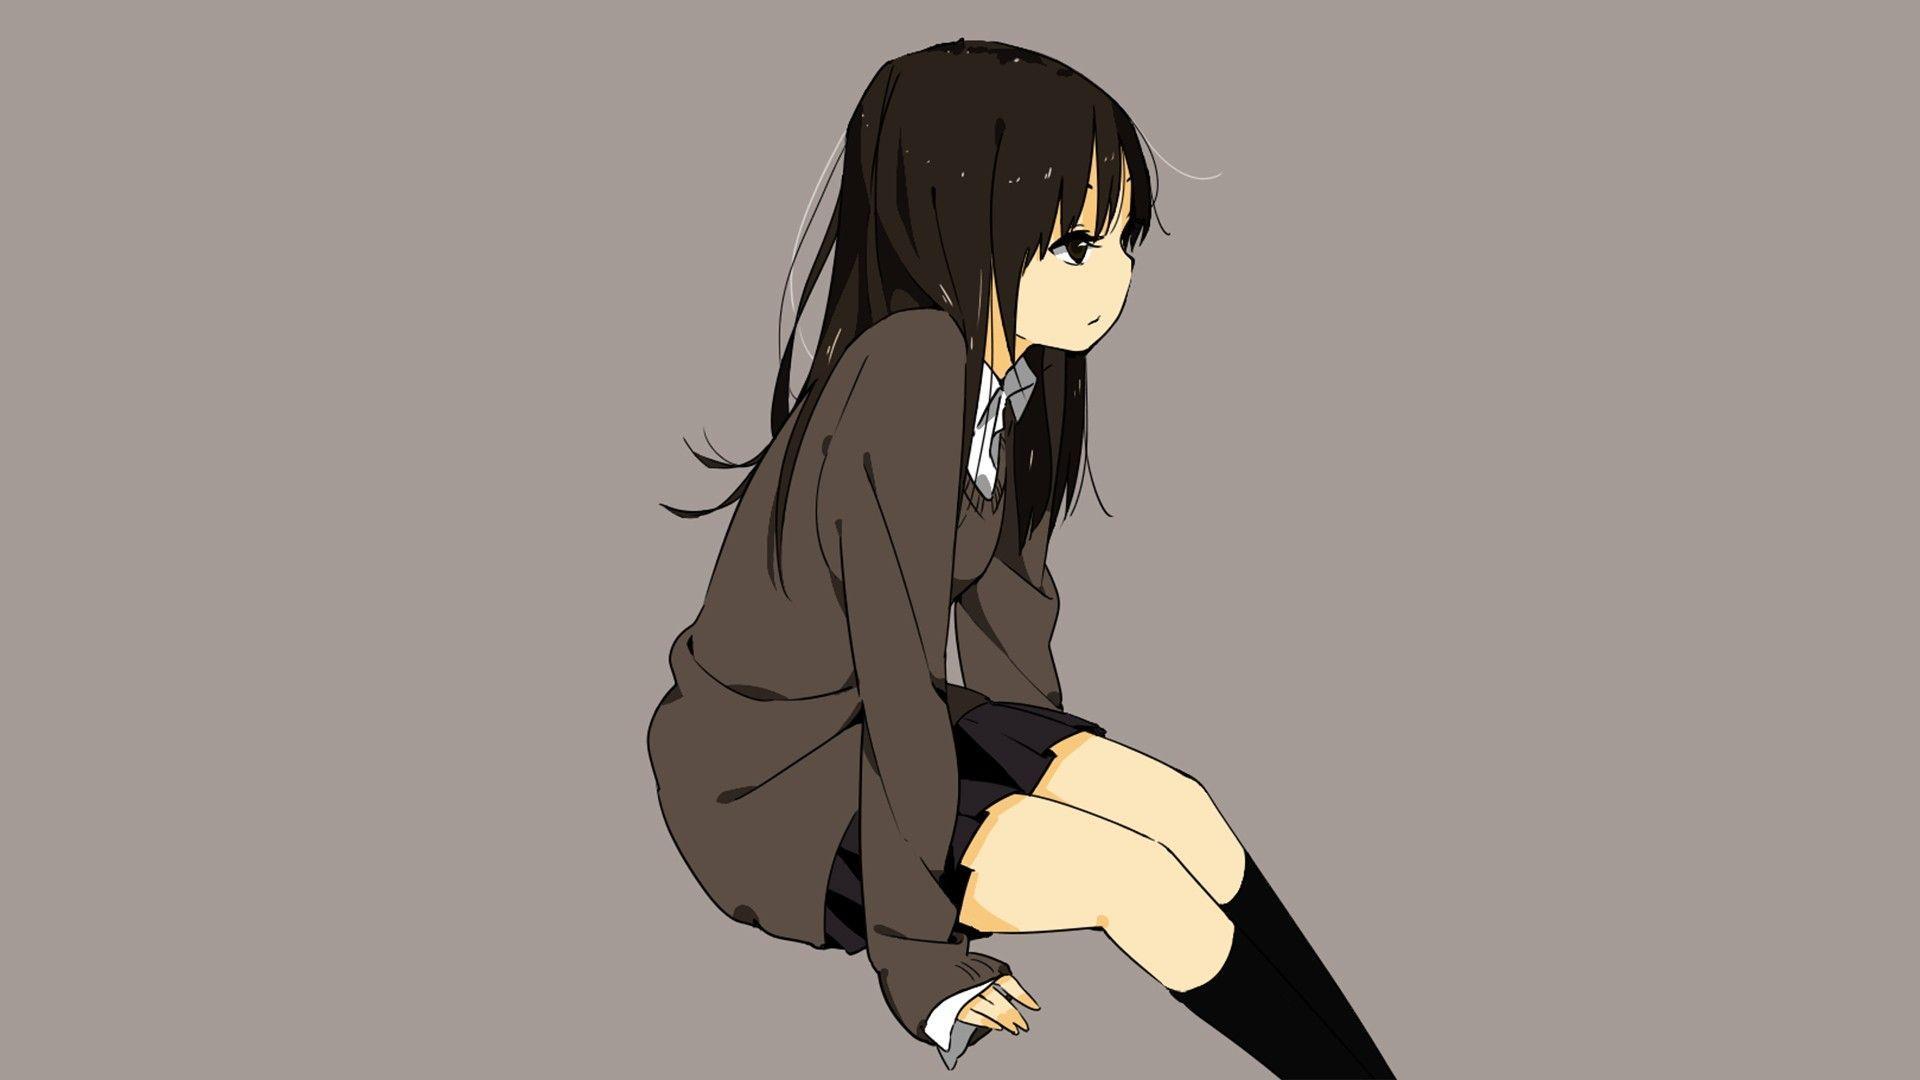 Ảnh nền anime cô đơn đẹp